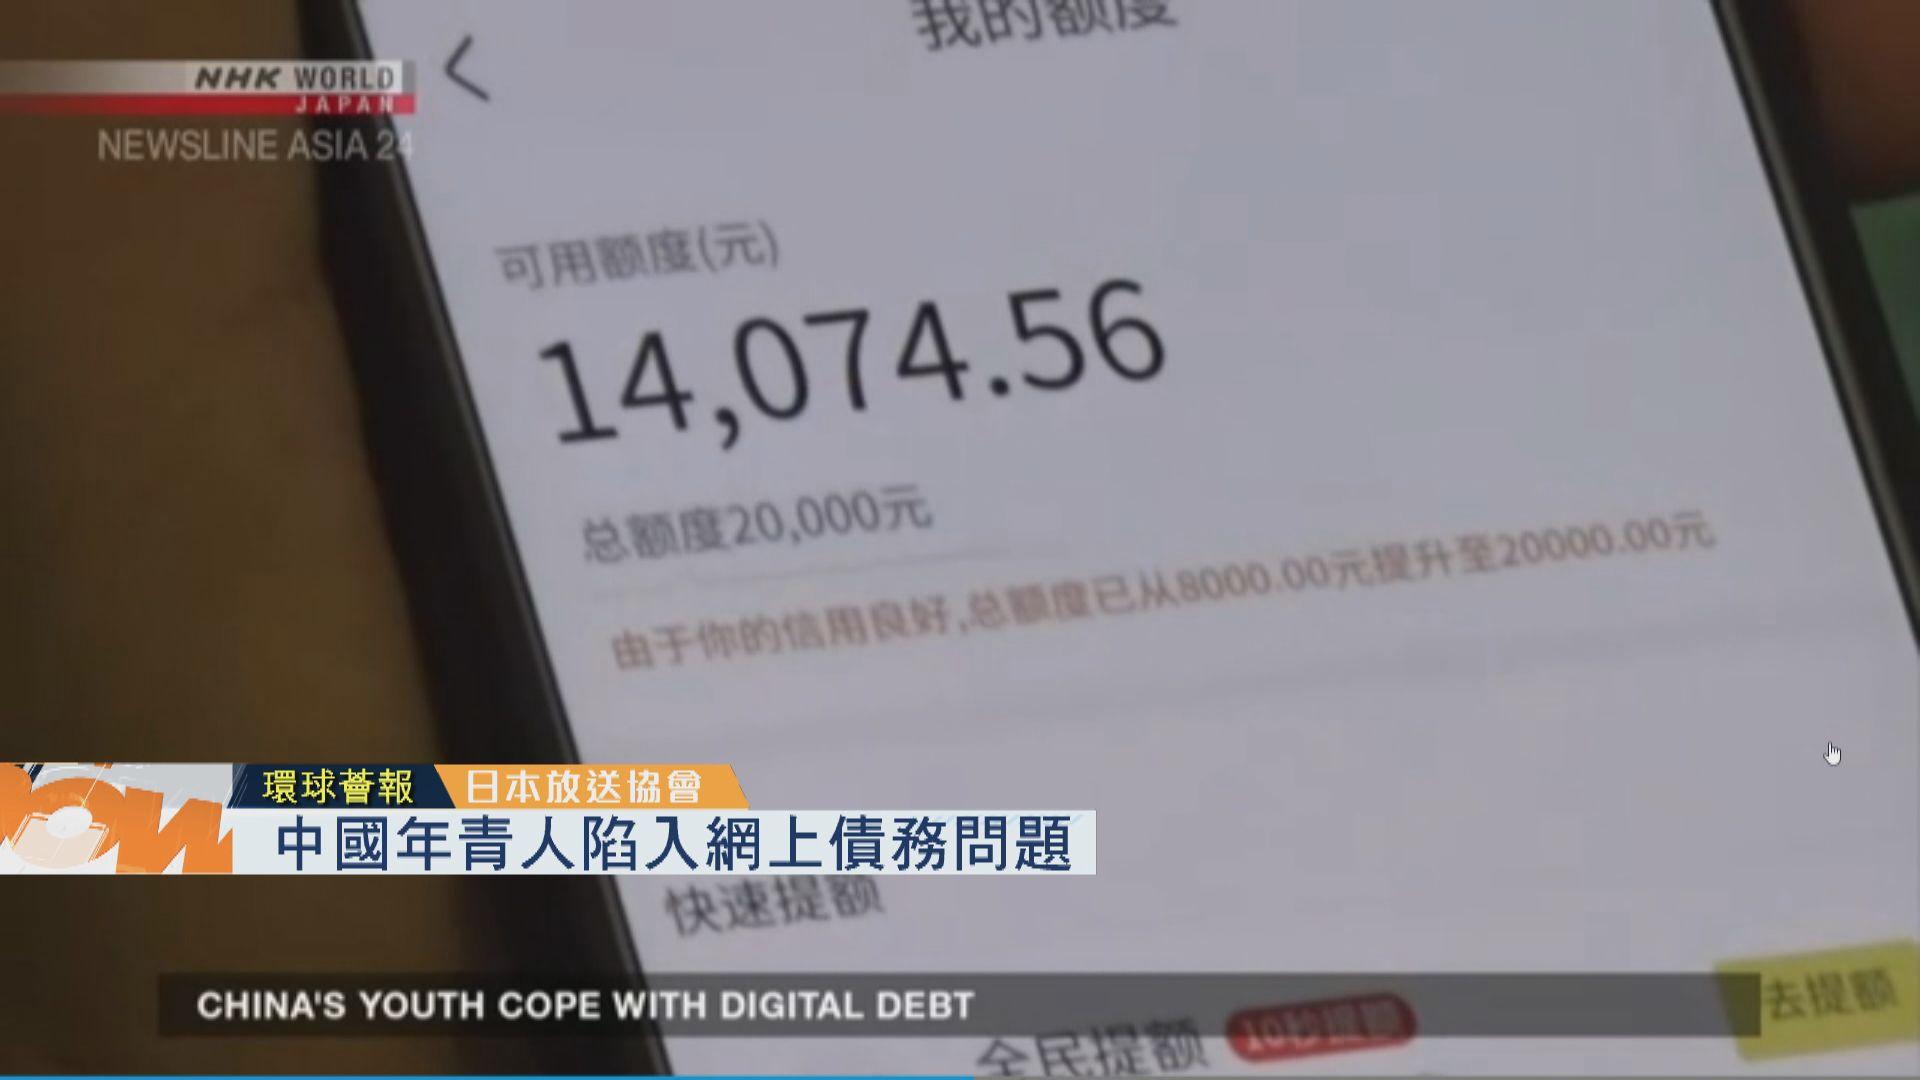 【環球薈報】中國年青人陷入網上債務問題